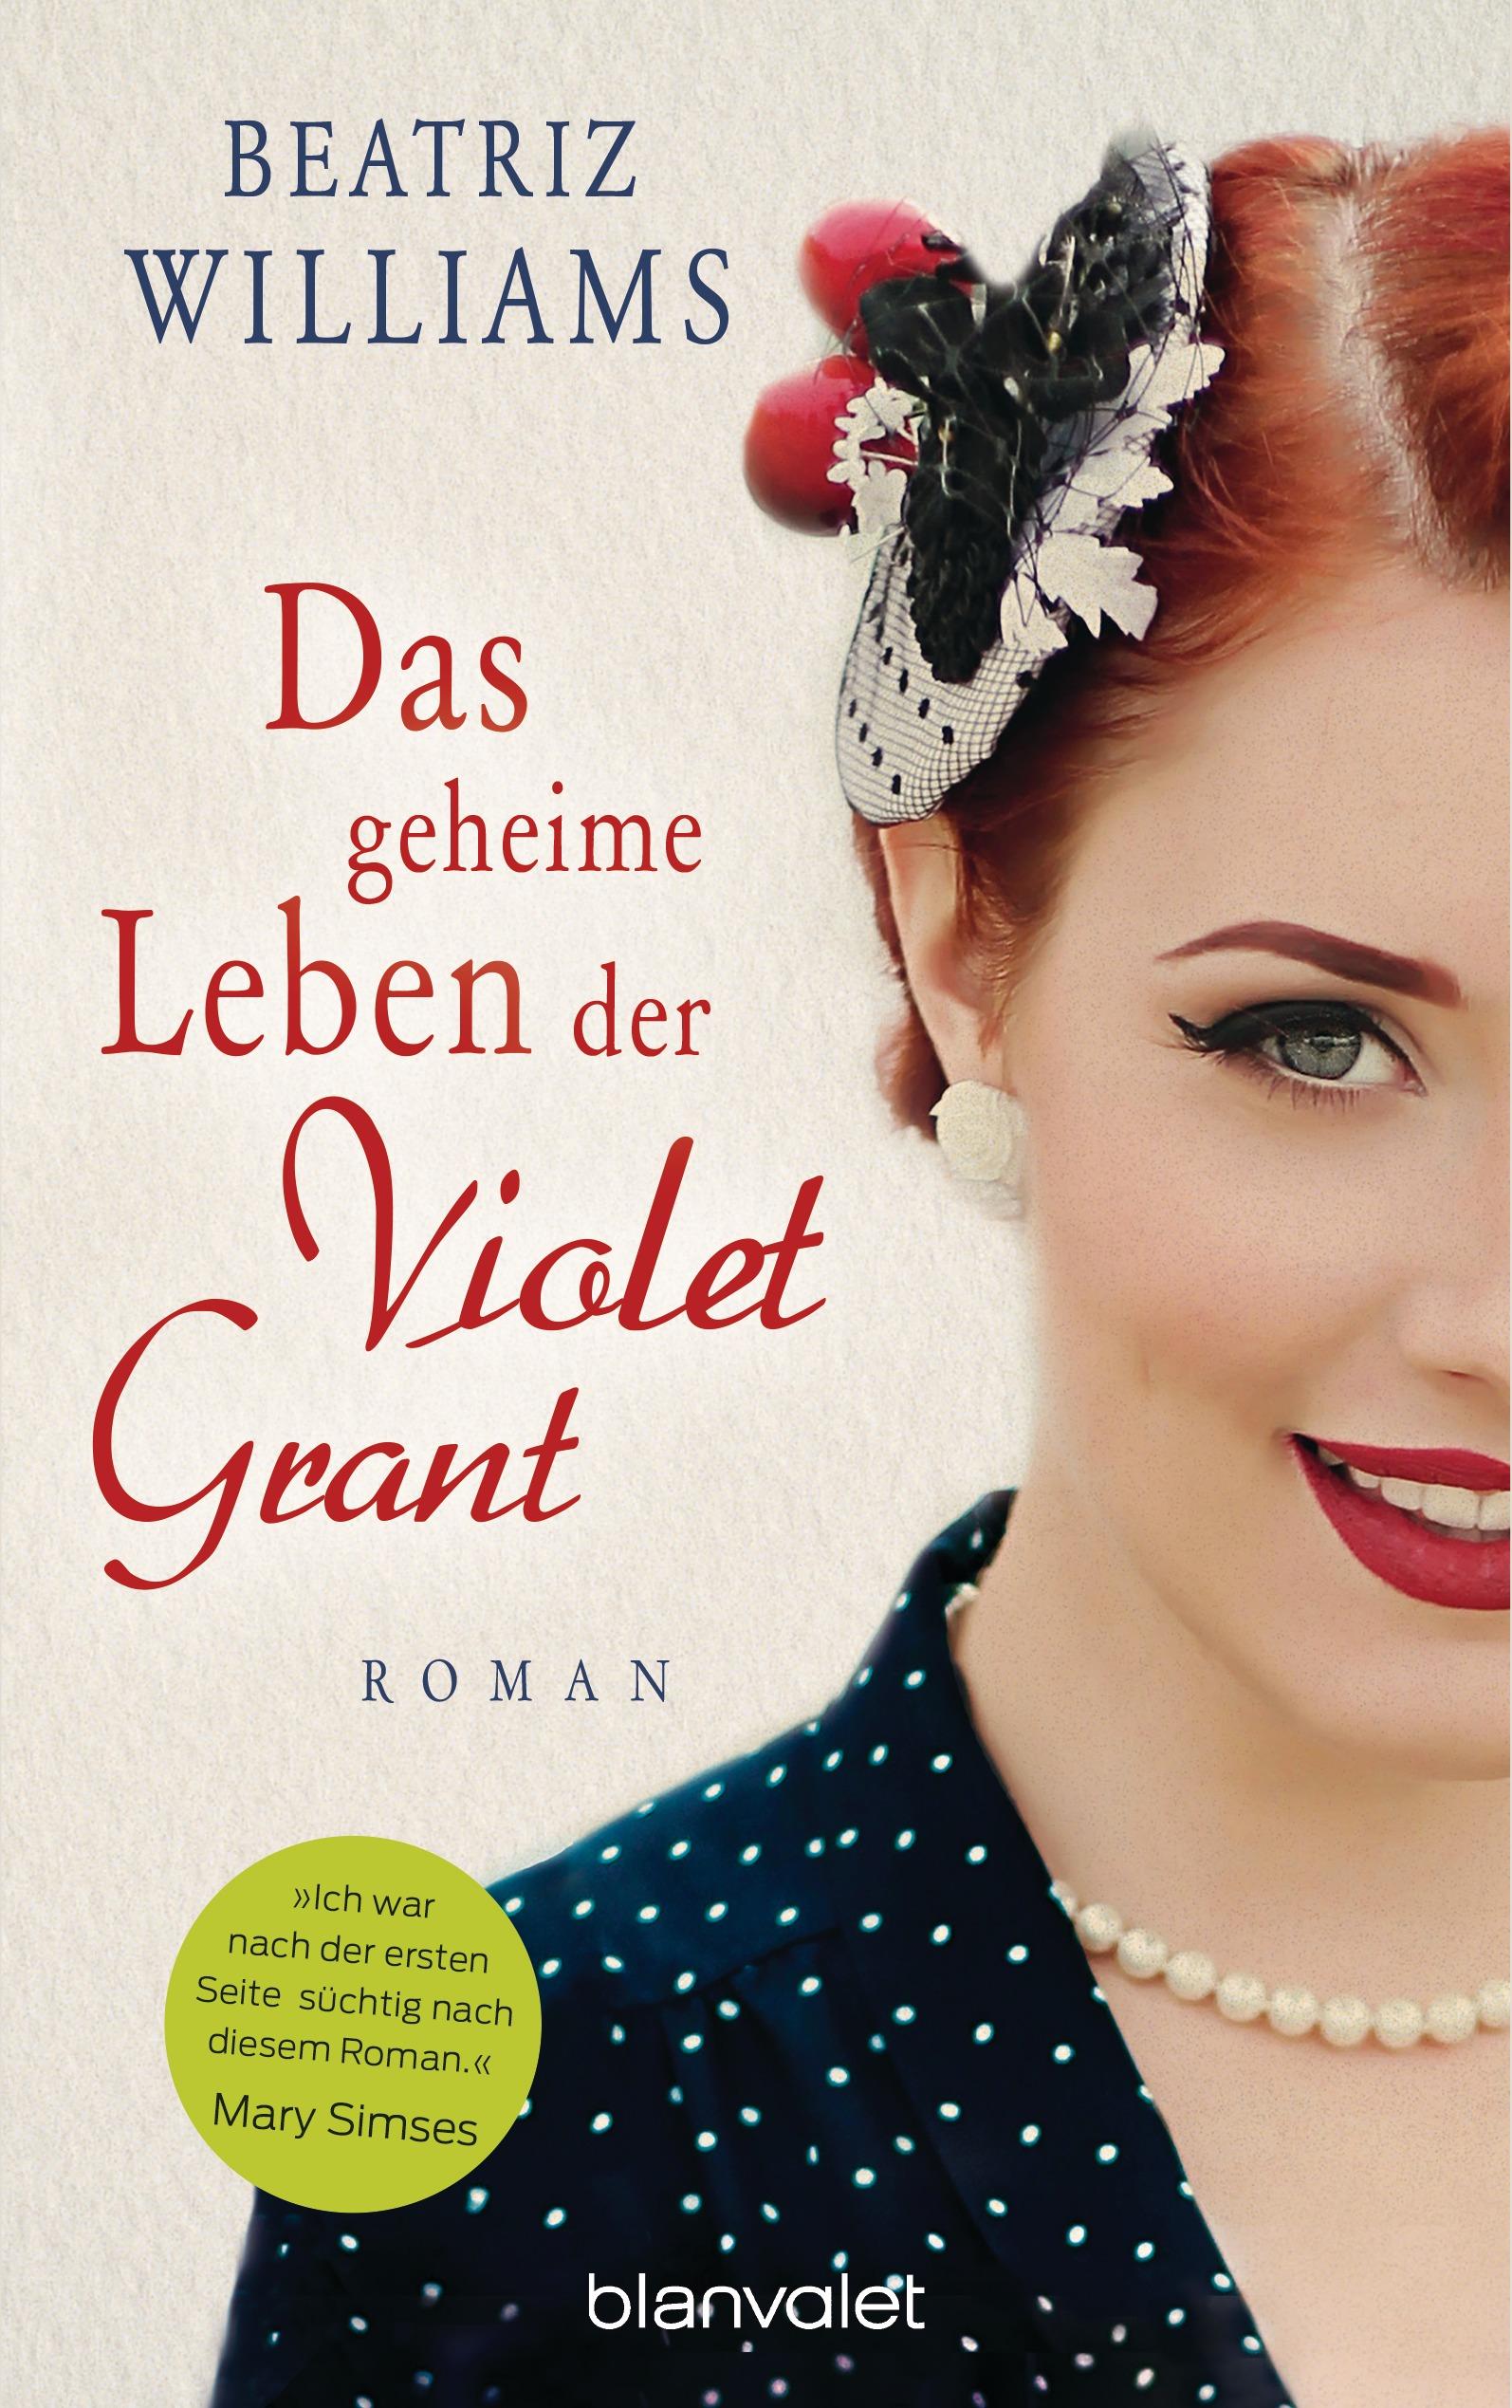 Das geheime Leben der Violet Grant von Beatriz Williams